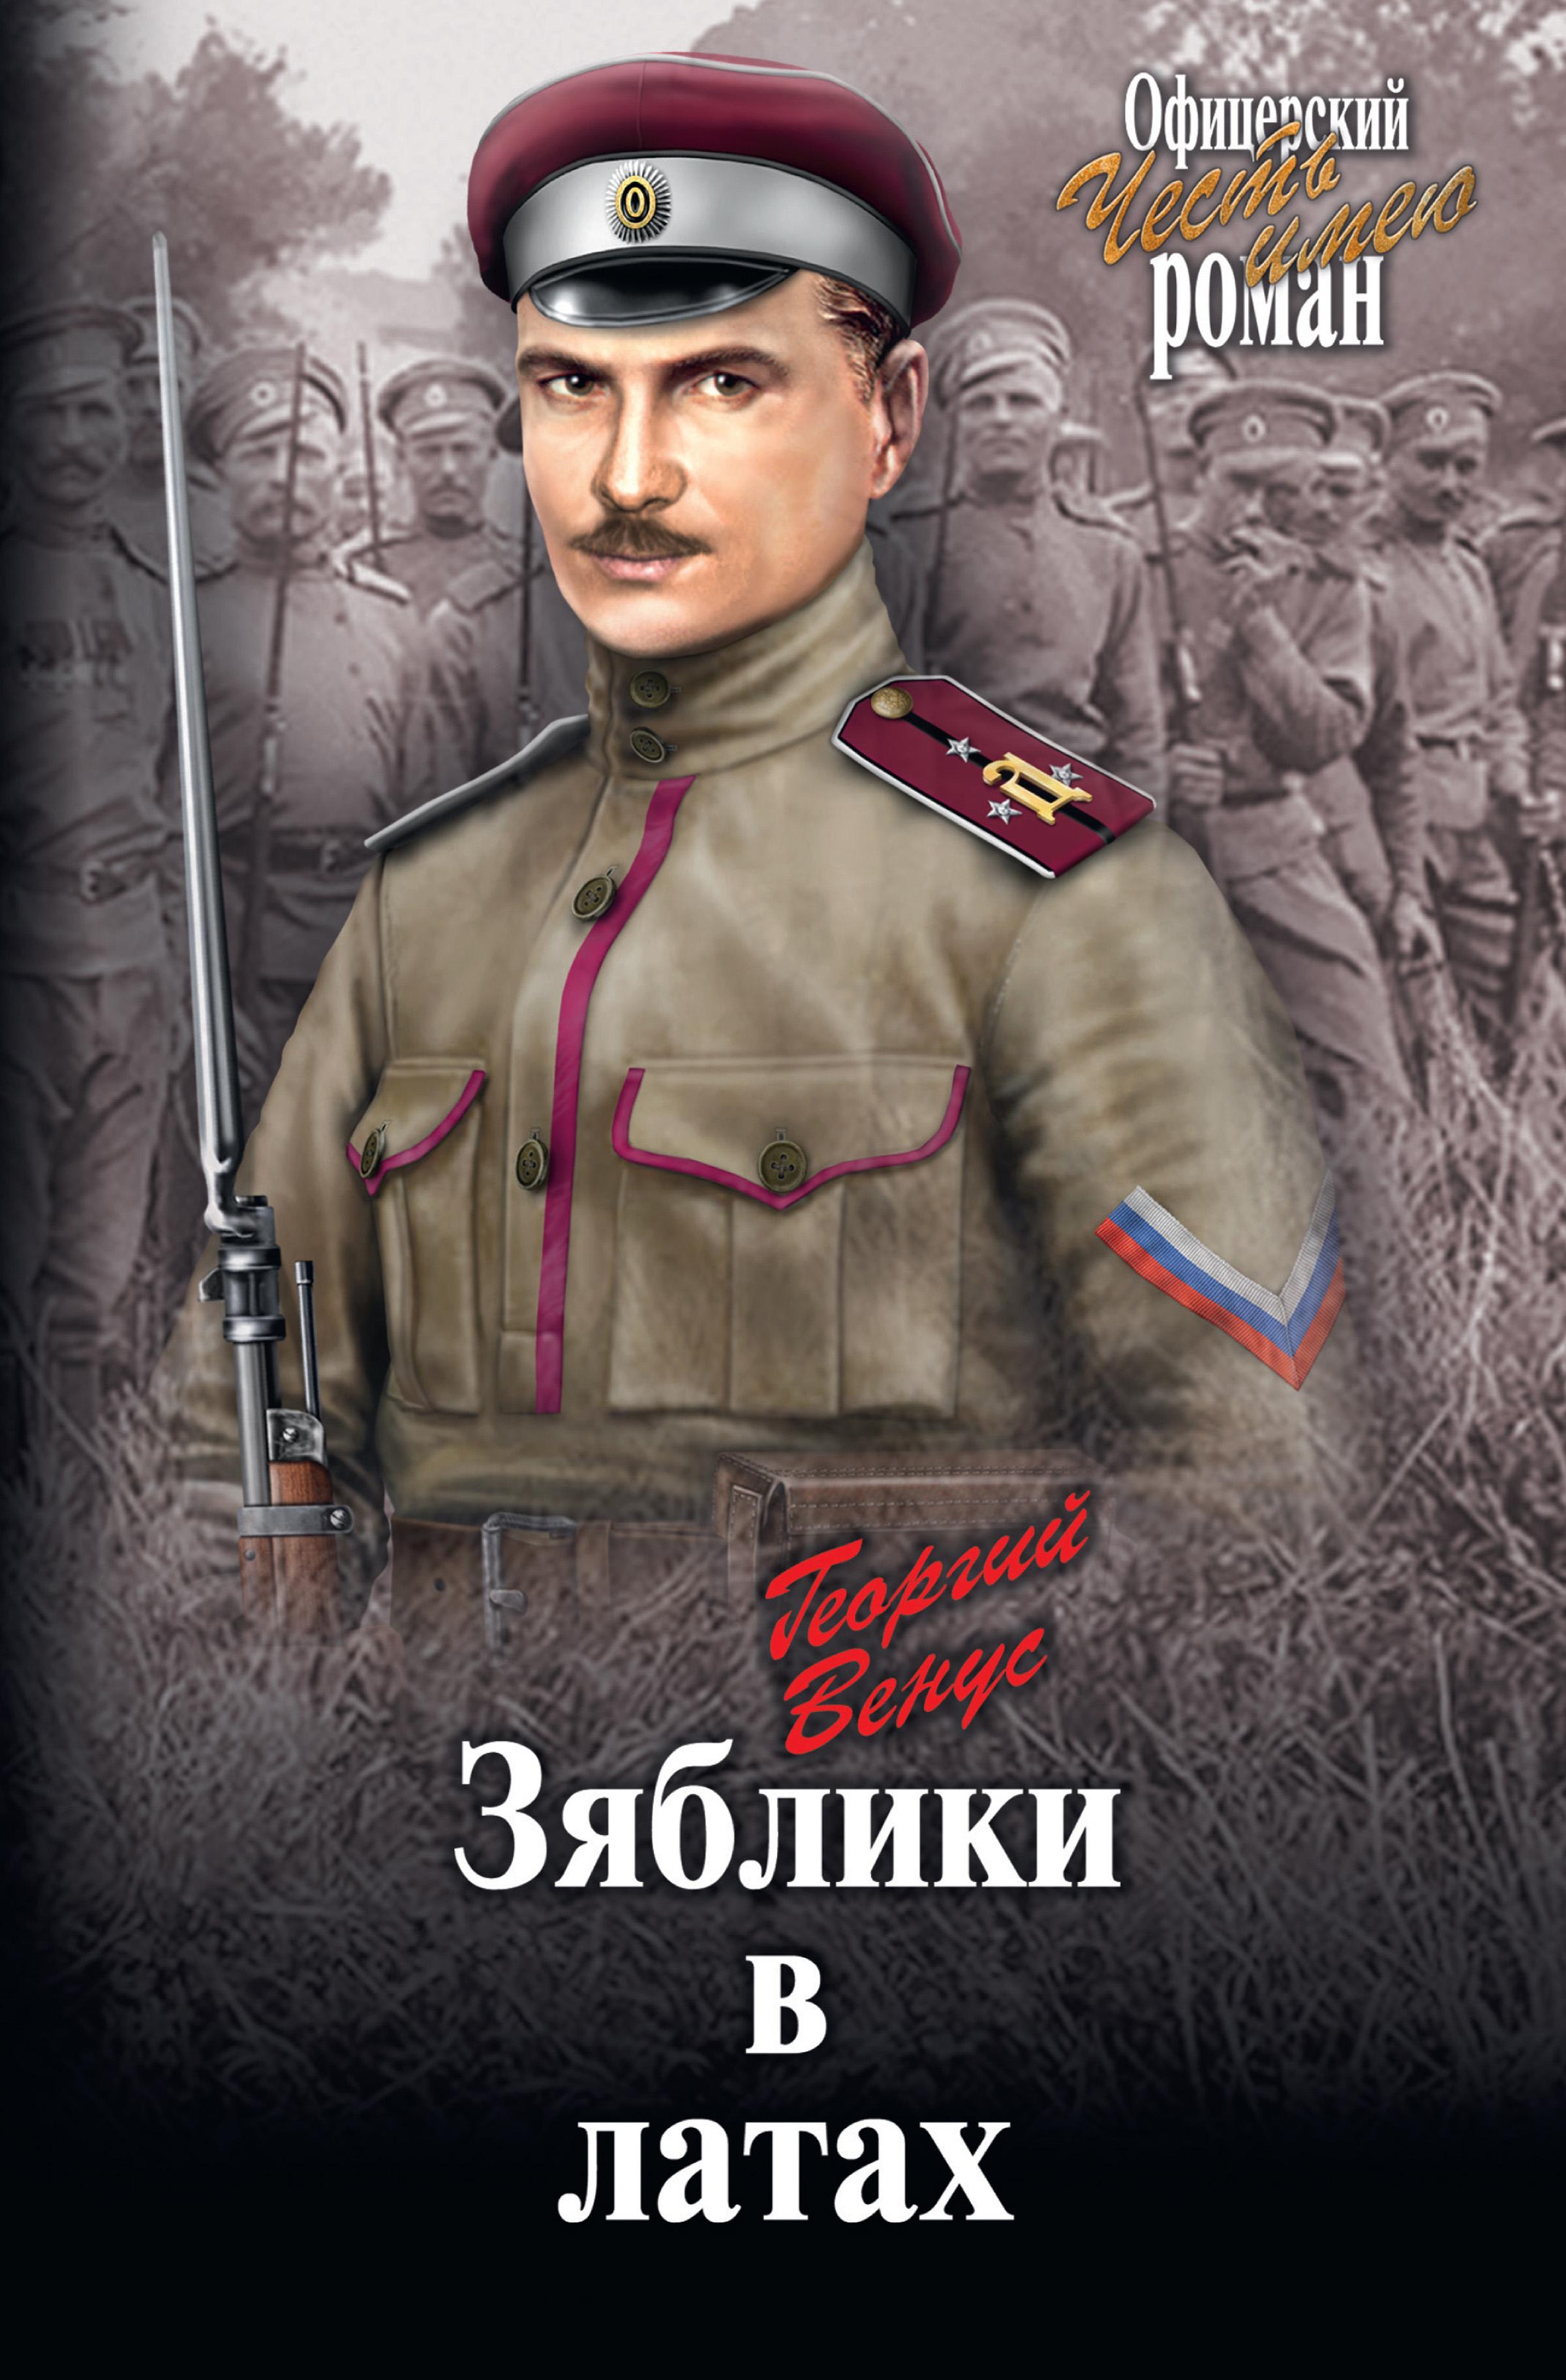 Георгий Венус Зяблики в латах